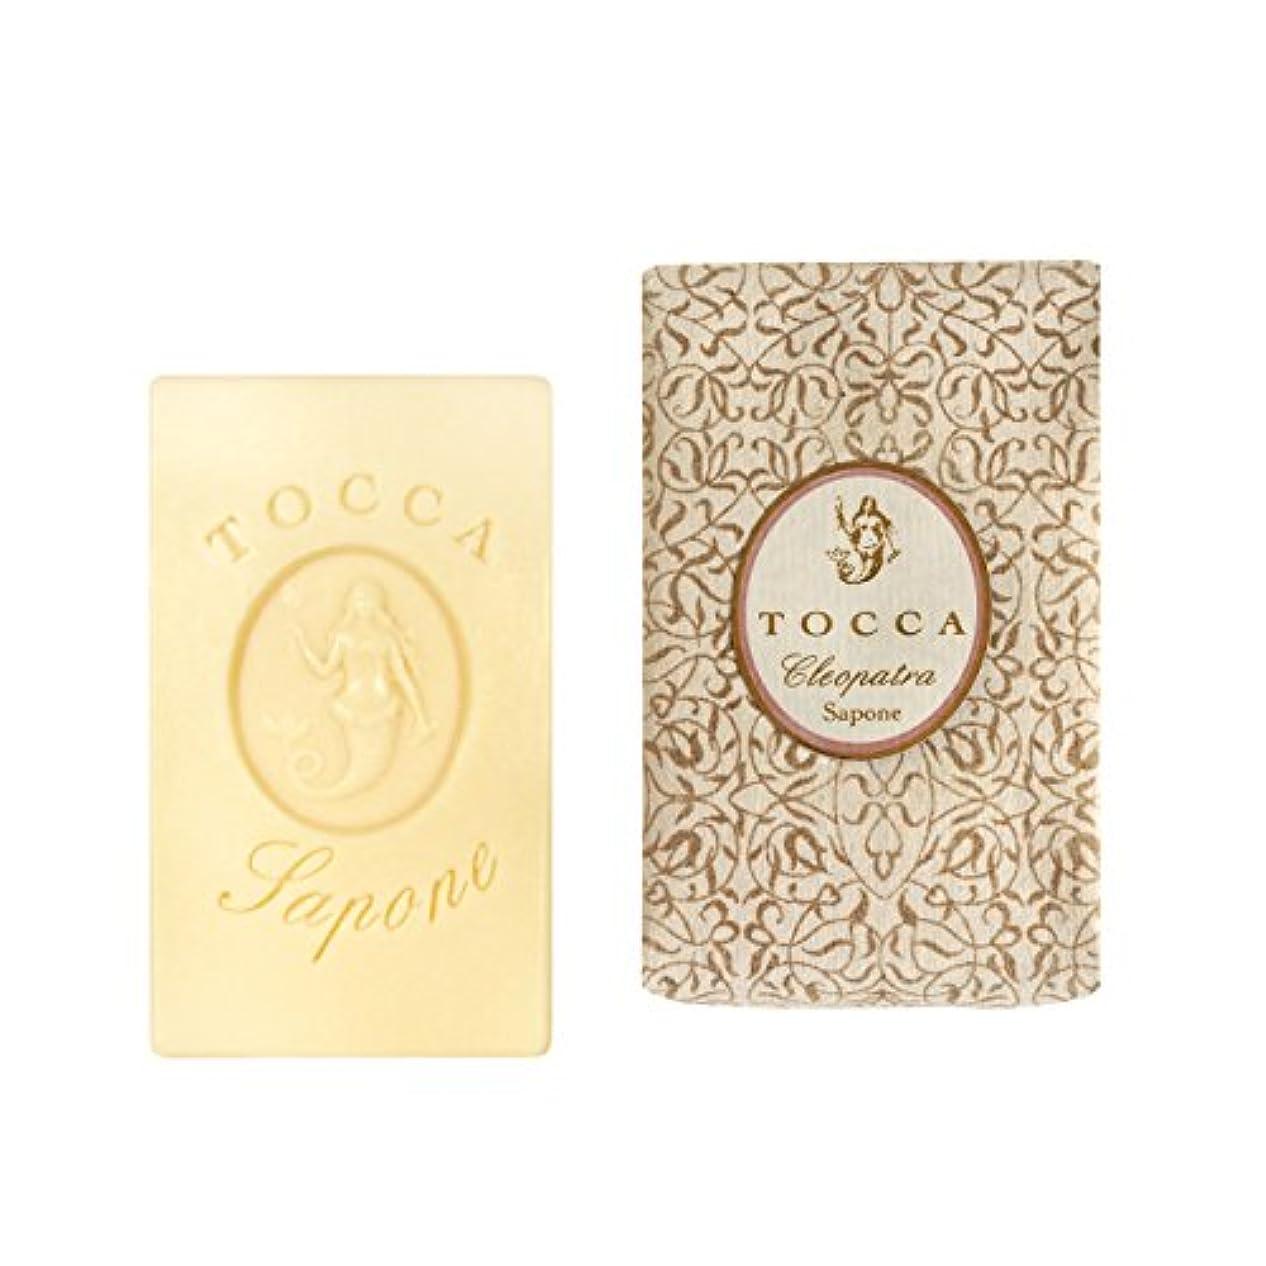 再発する霧深い所有者トッカ(TOCCA) ソープバー クレオパトラの香り 113g(石けん 化粧石けん グレープフルーツとキューカンバーのフレッシュでクリーンな香り)